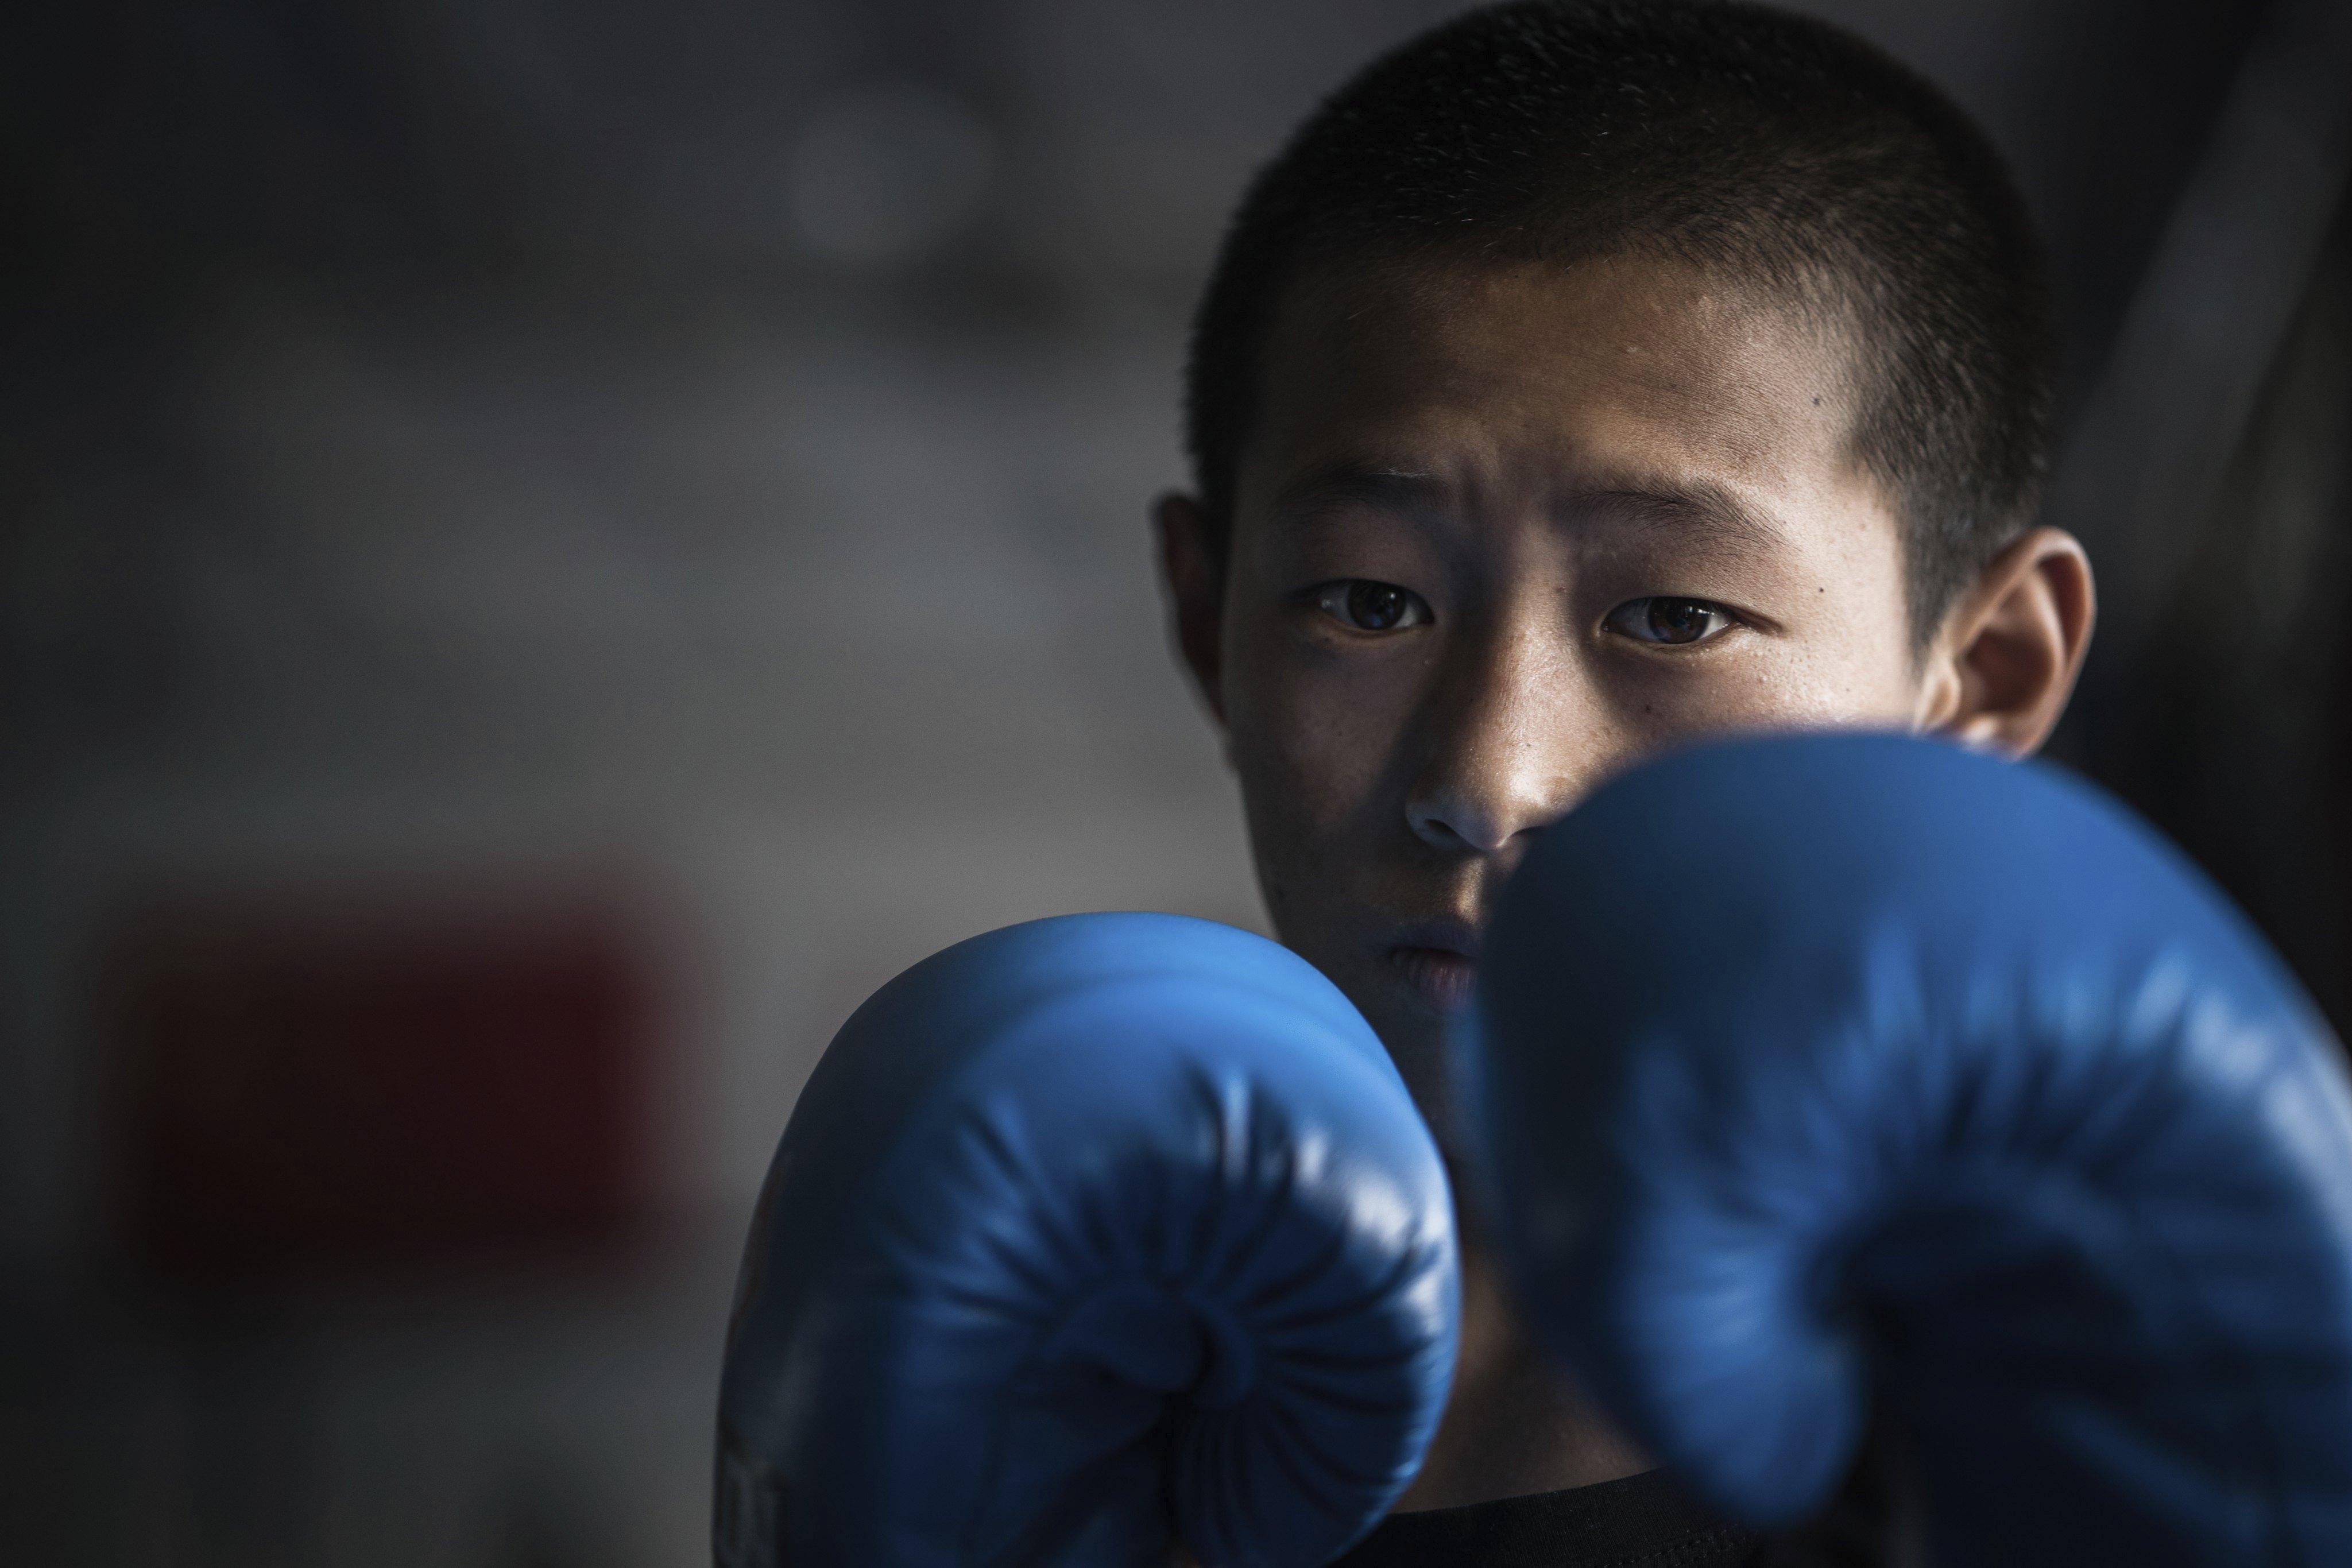 A la regió sud-occidental xinesa de Sichuan, 40 joves tibetans orfes després del terratrèmol que va arrasar Wenchuan en 2008, busquen una oportunitat per refer les seves vides per mitjà de les arts marcials./Lola Levan